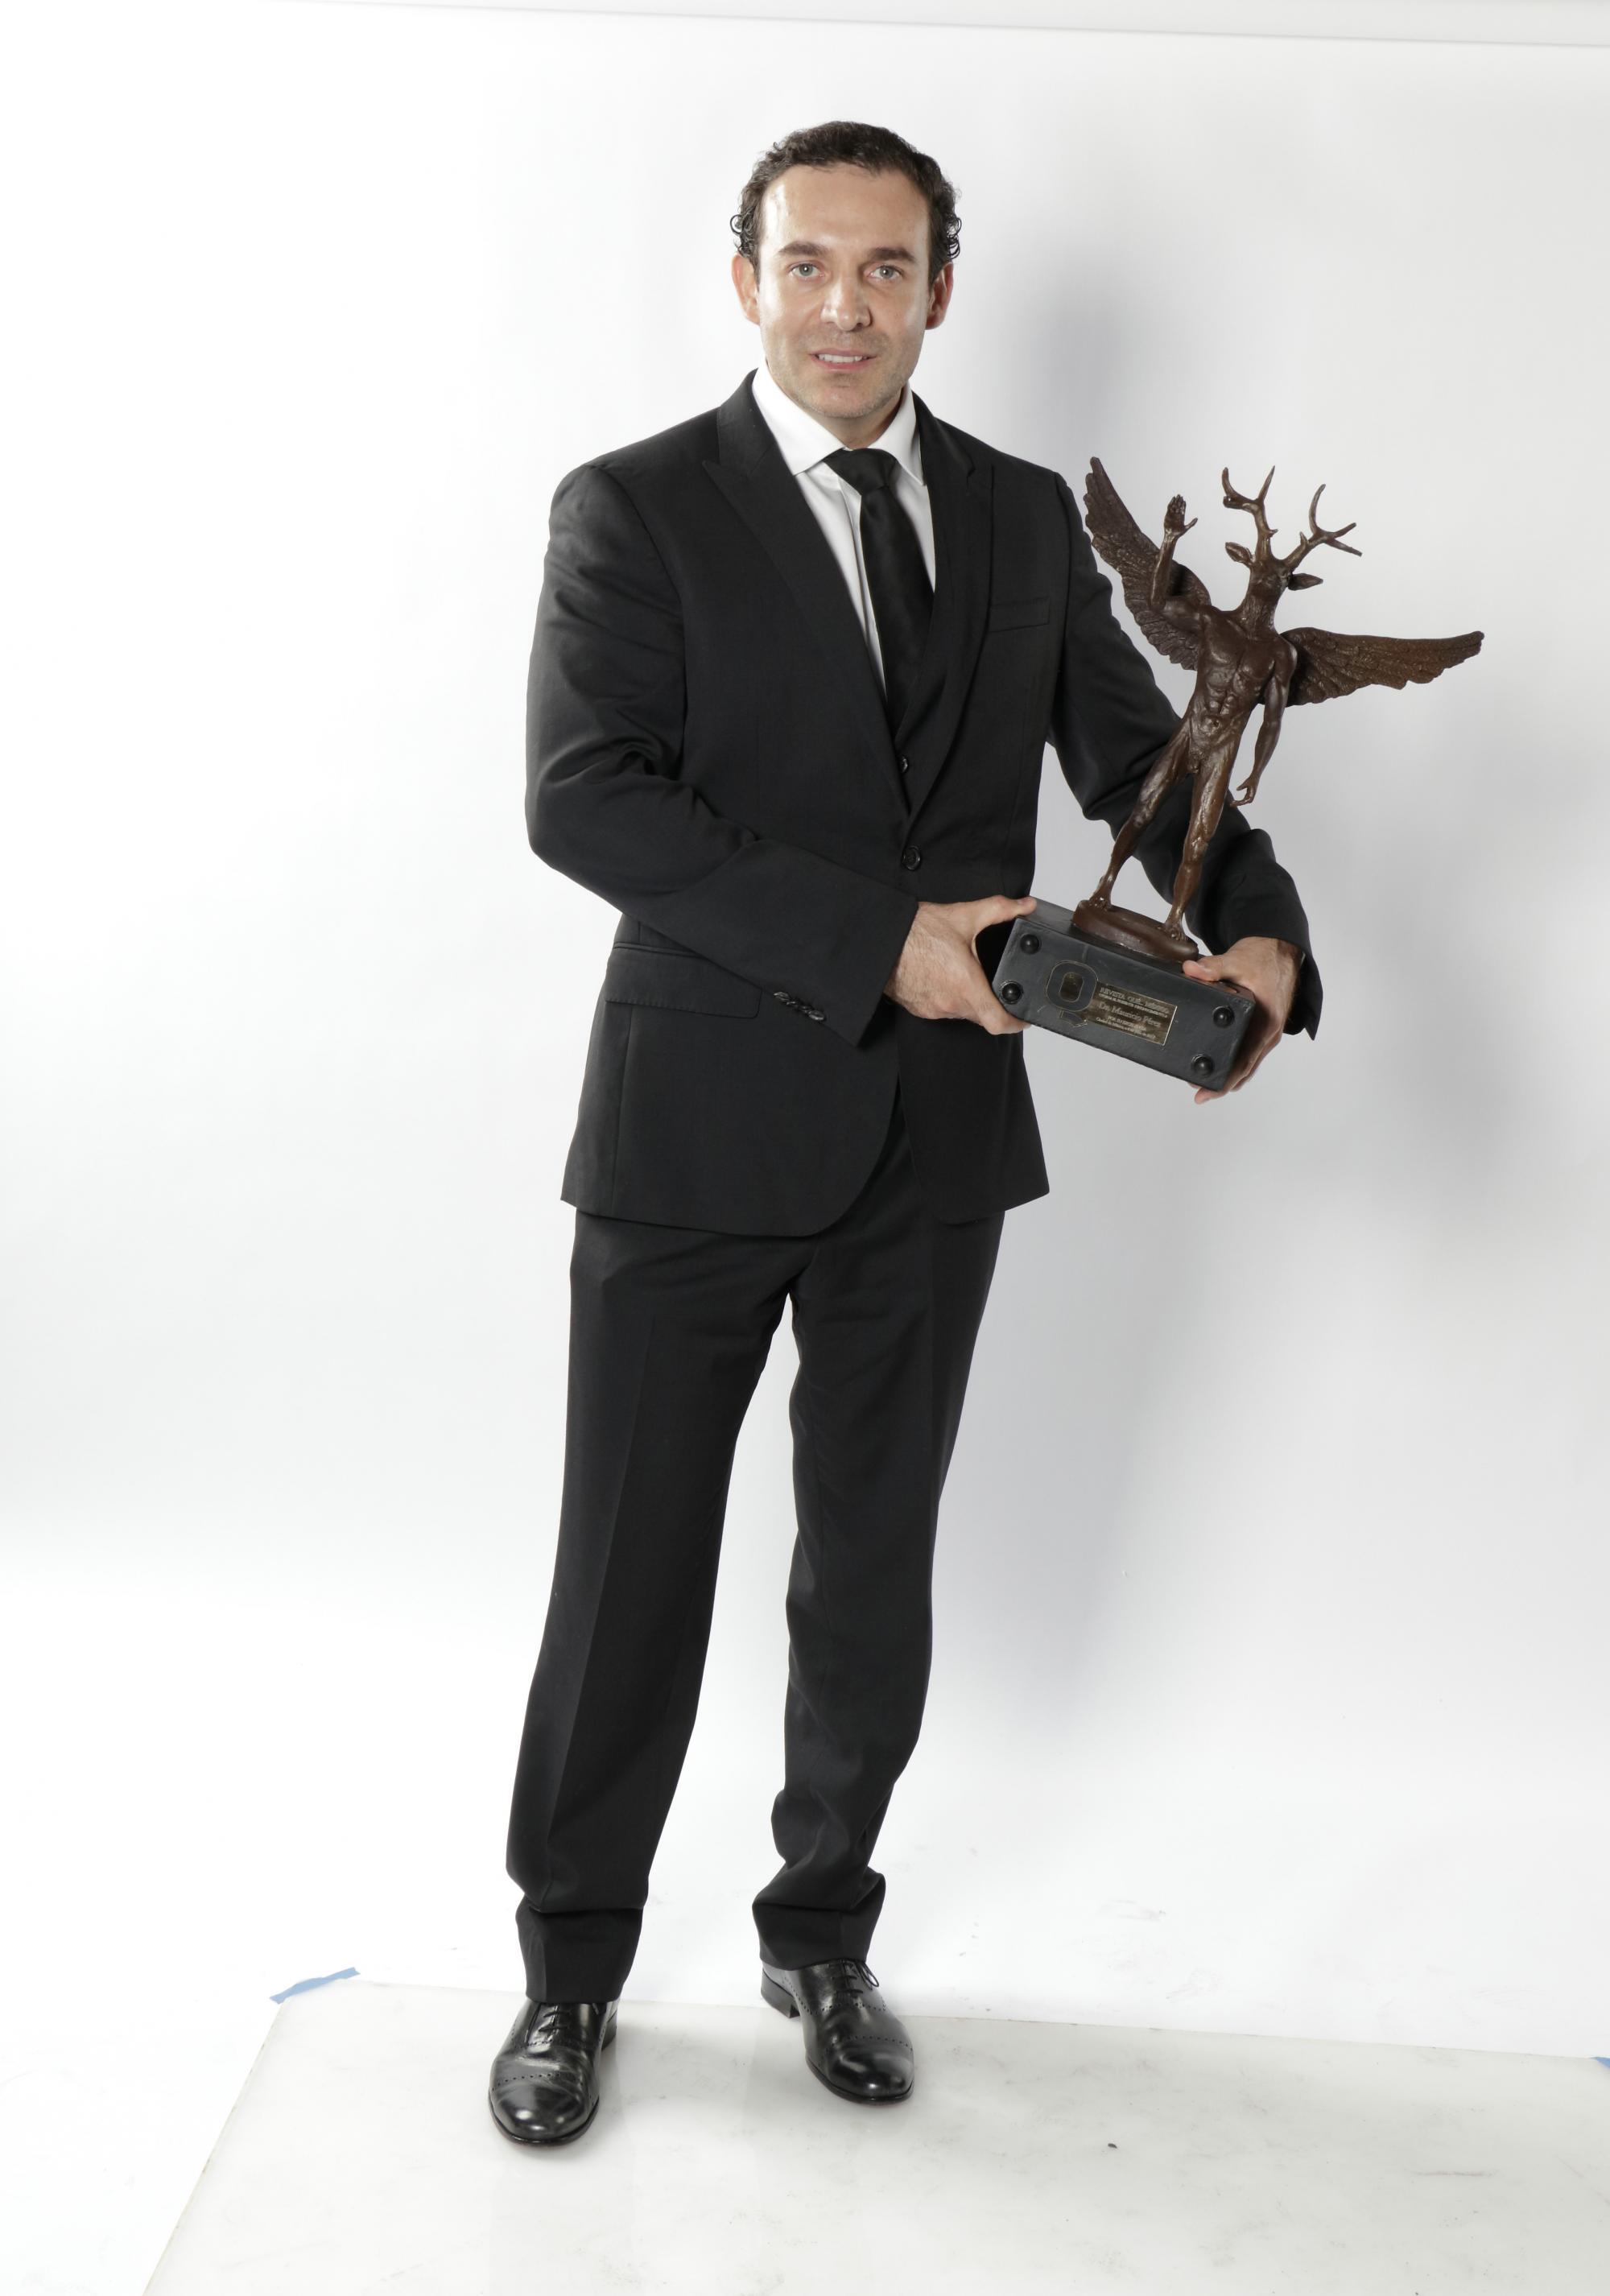 Dr. Mauricio Pérez